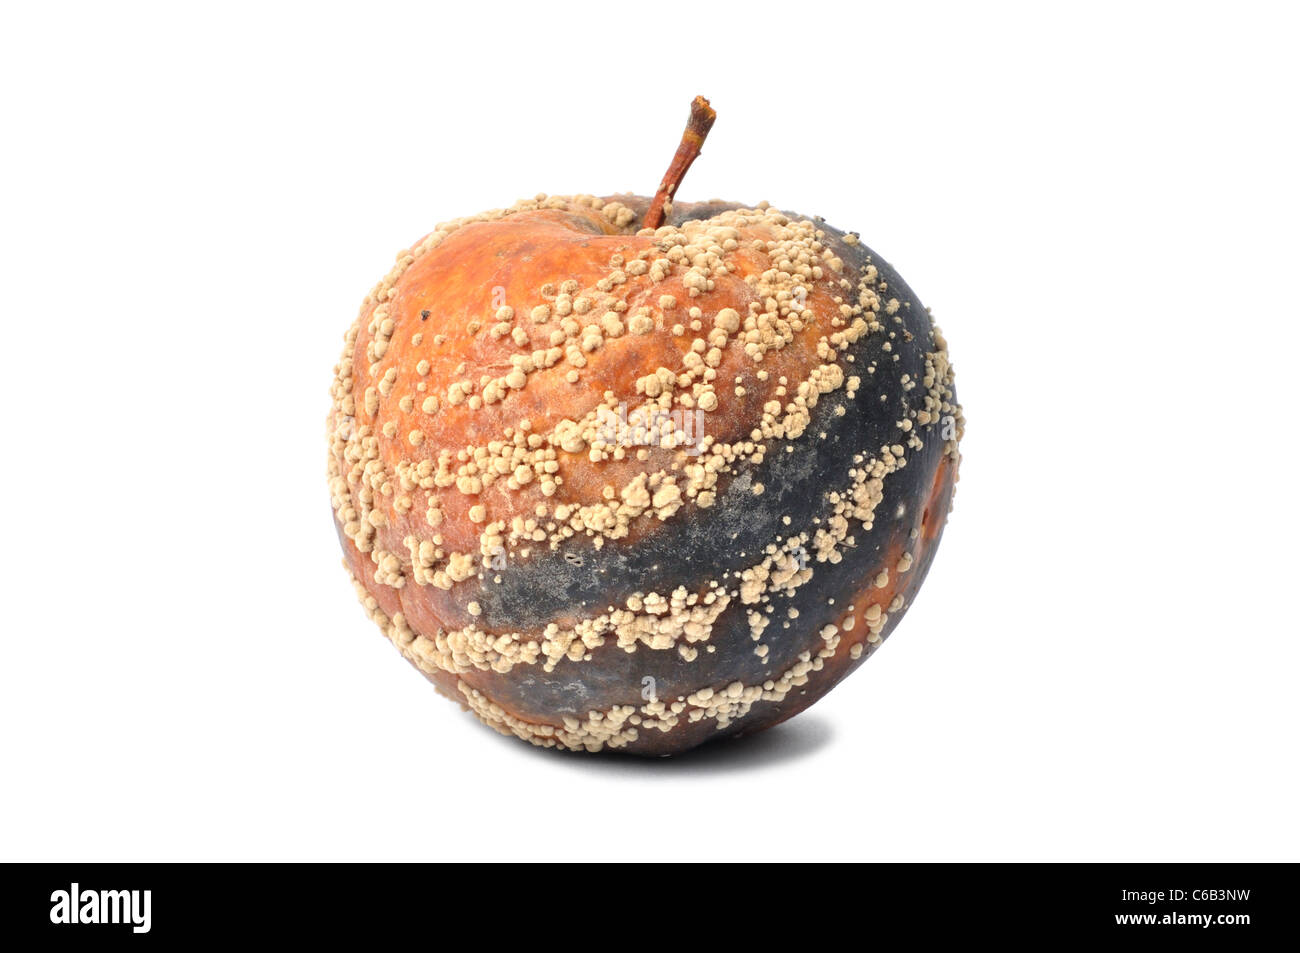 Rotten Apple - Stock Image